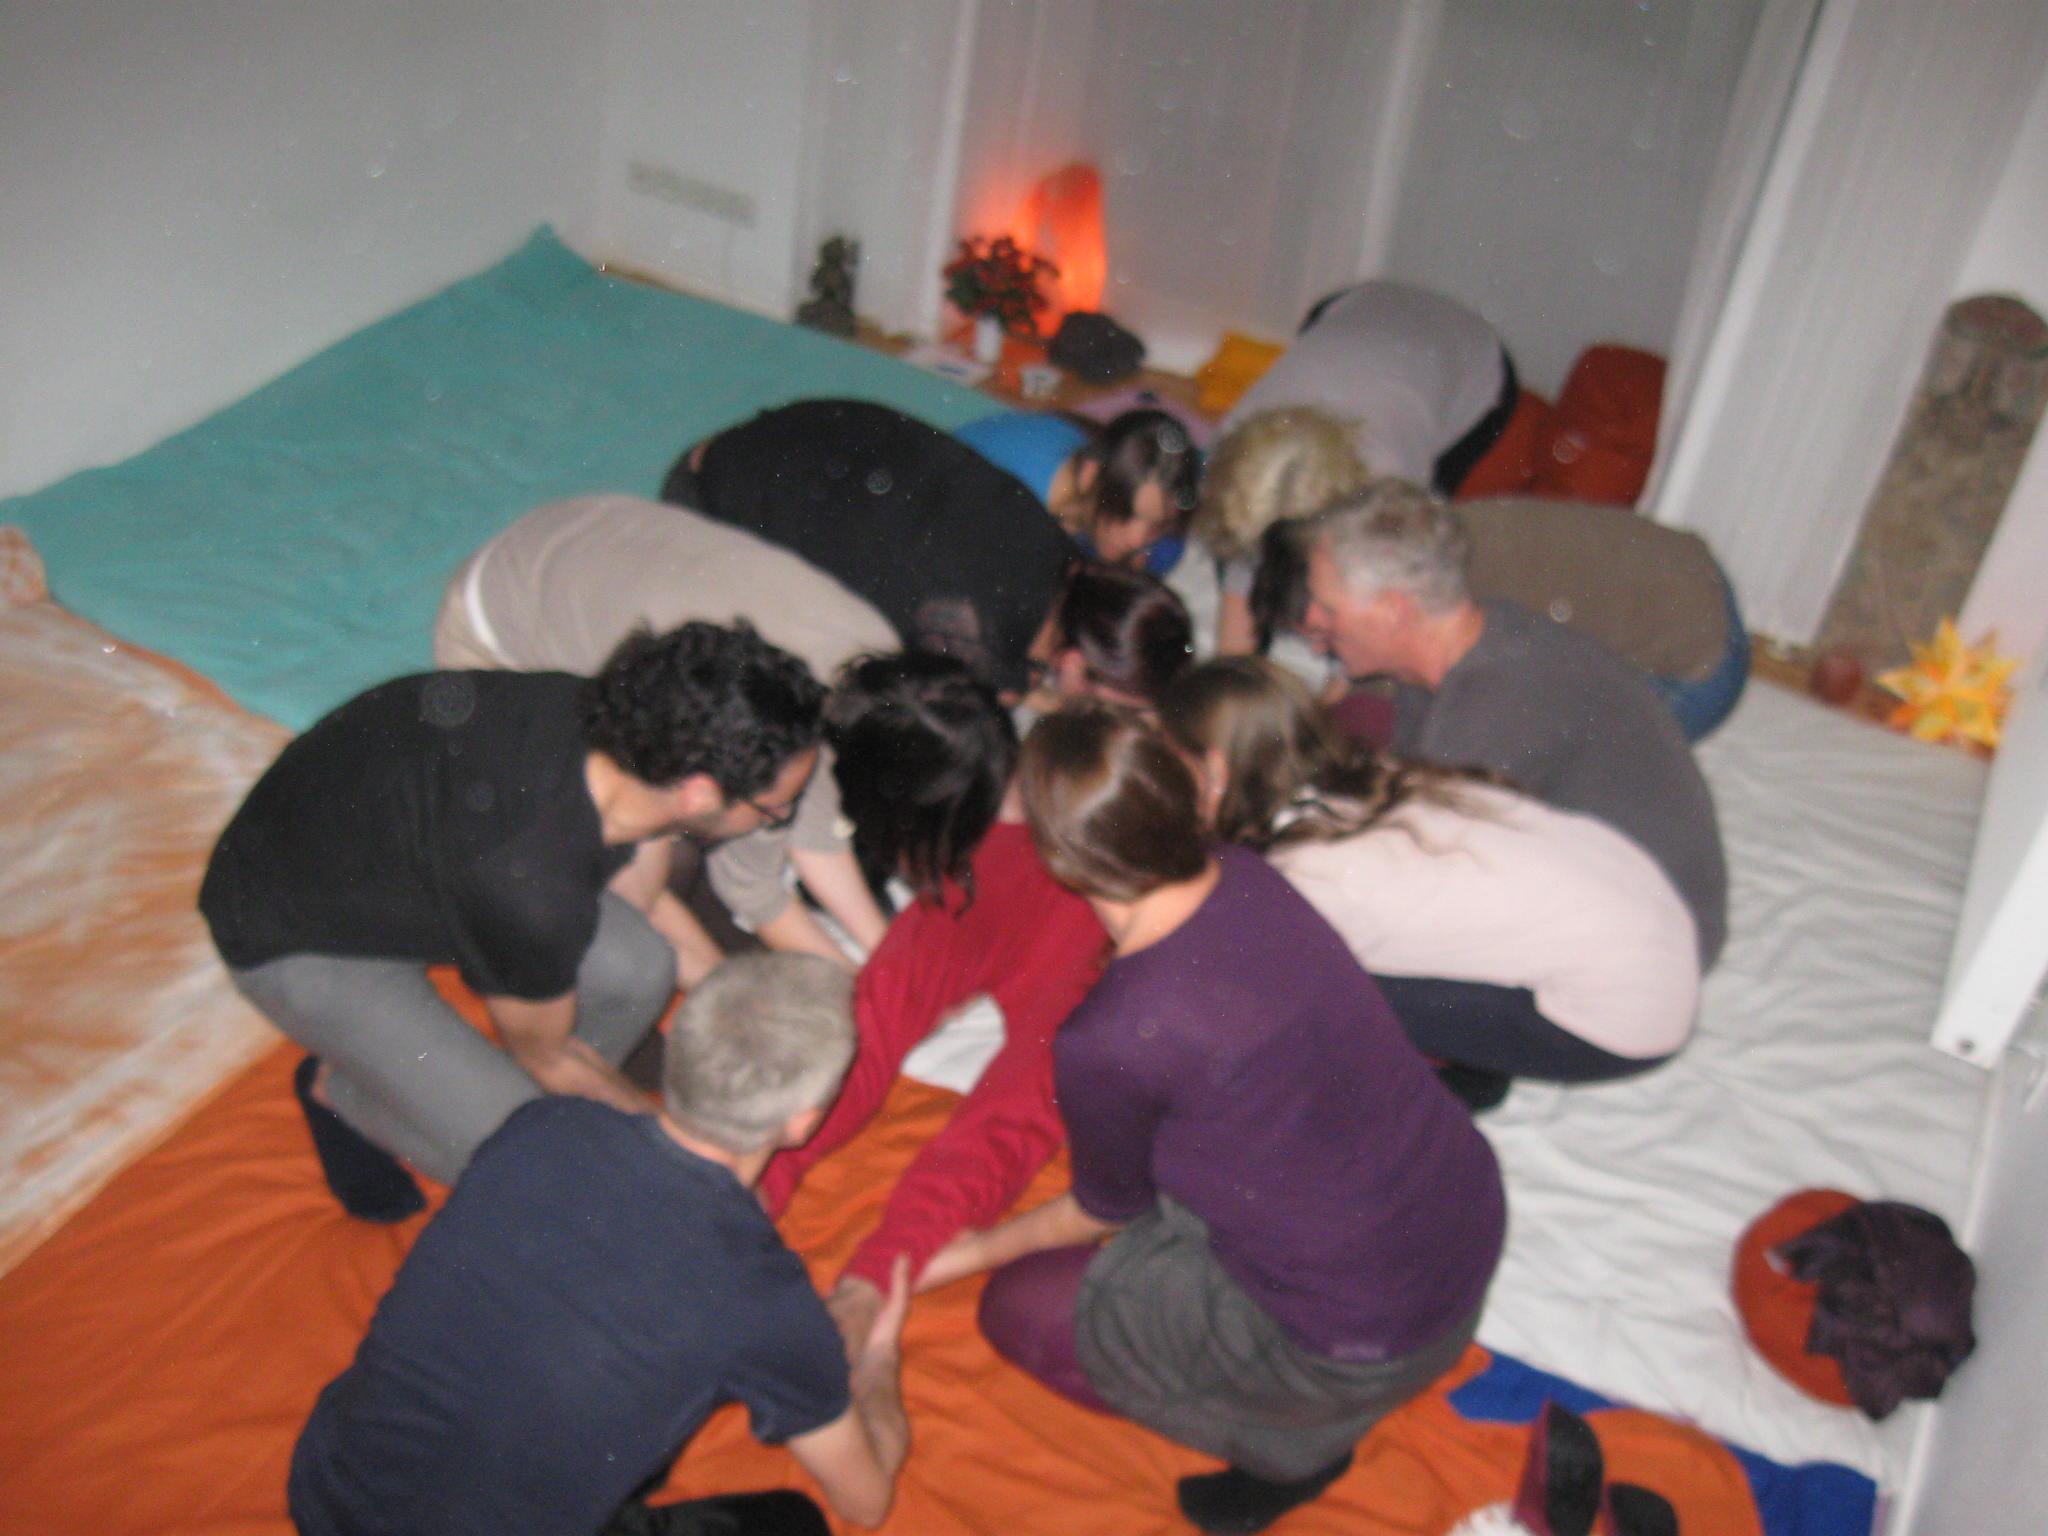 Voruebung zum Kuscheln auf der KUSCHELPARTY Kanzowkuscheln